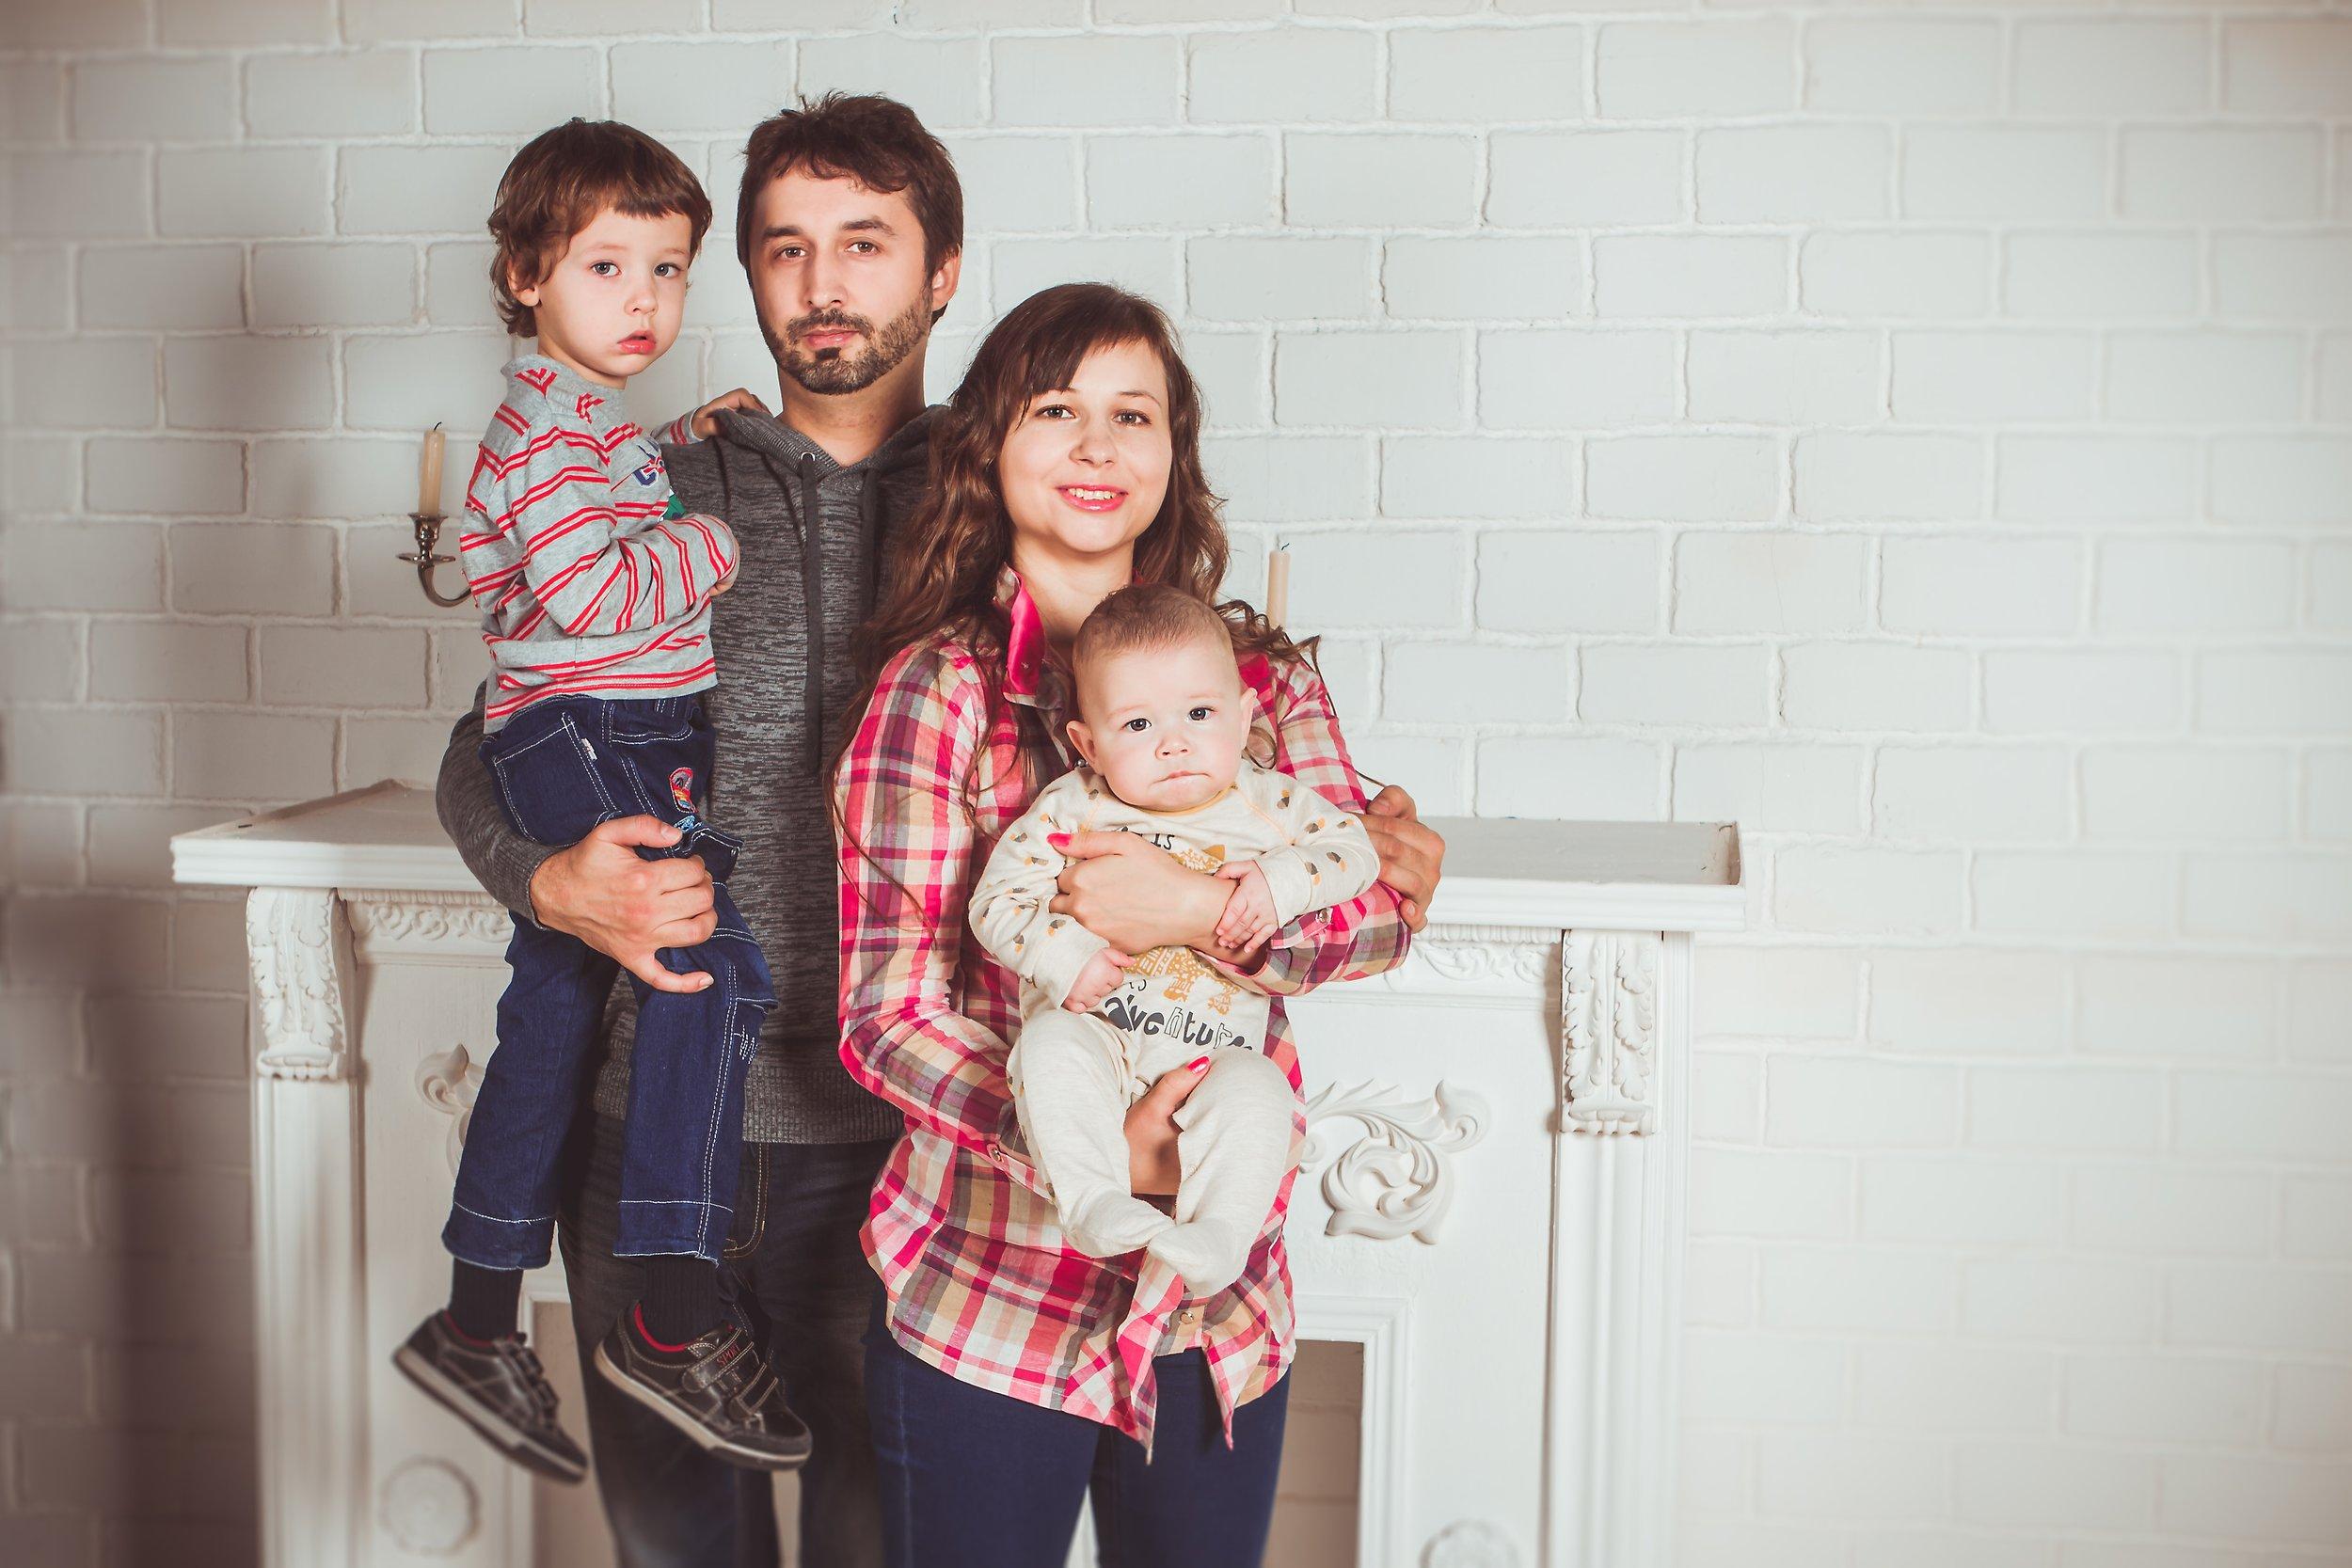 affection-children-family-1648387.jpg